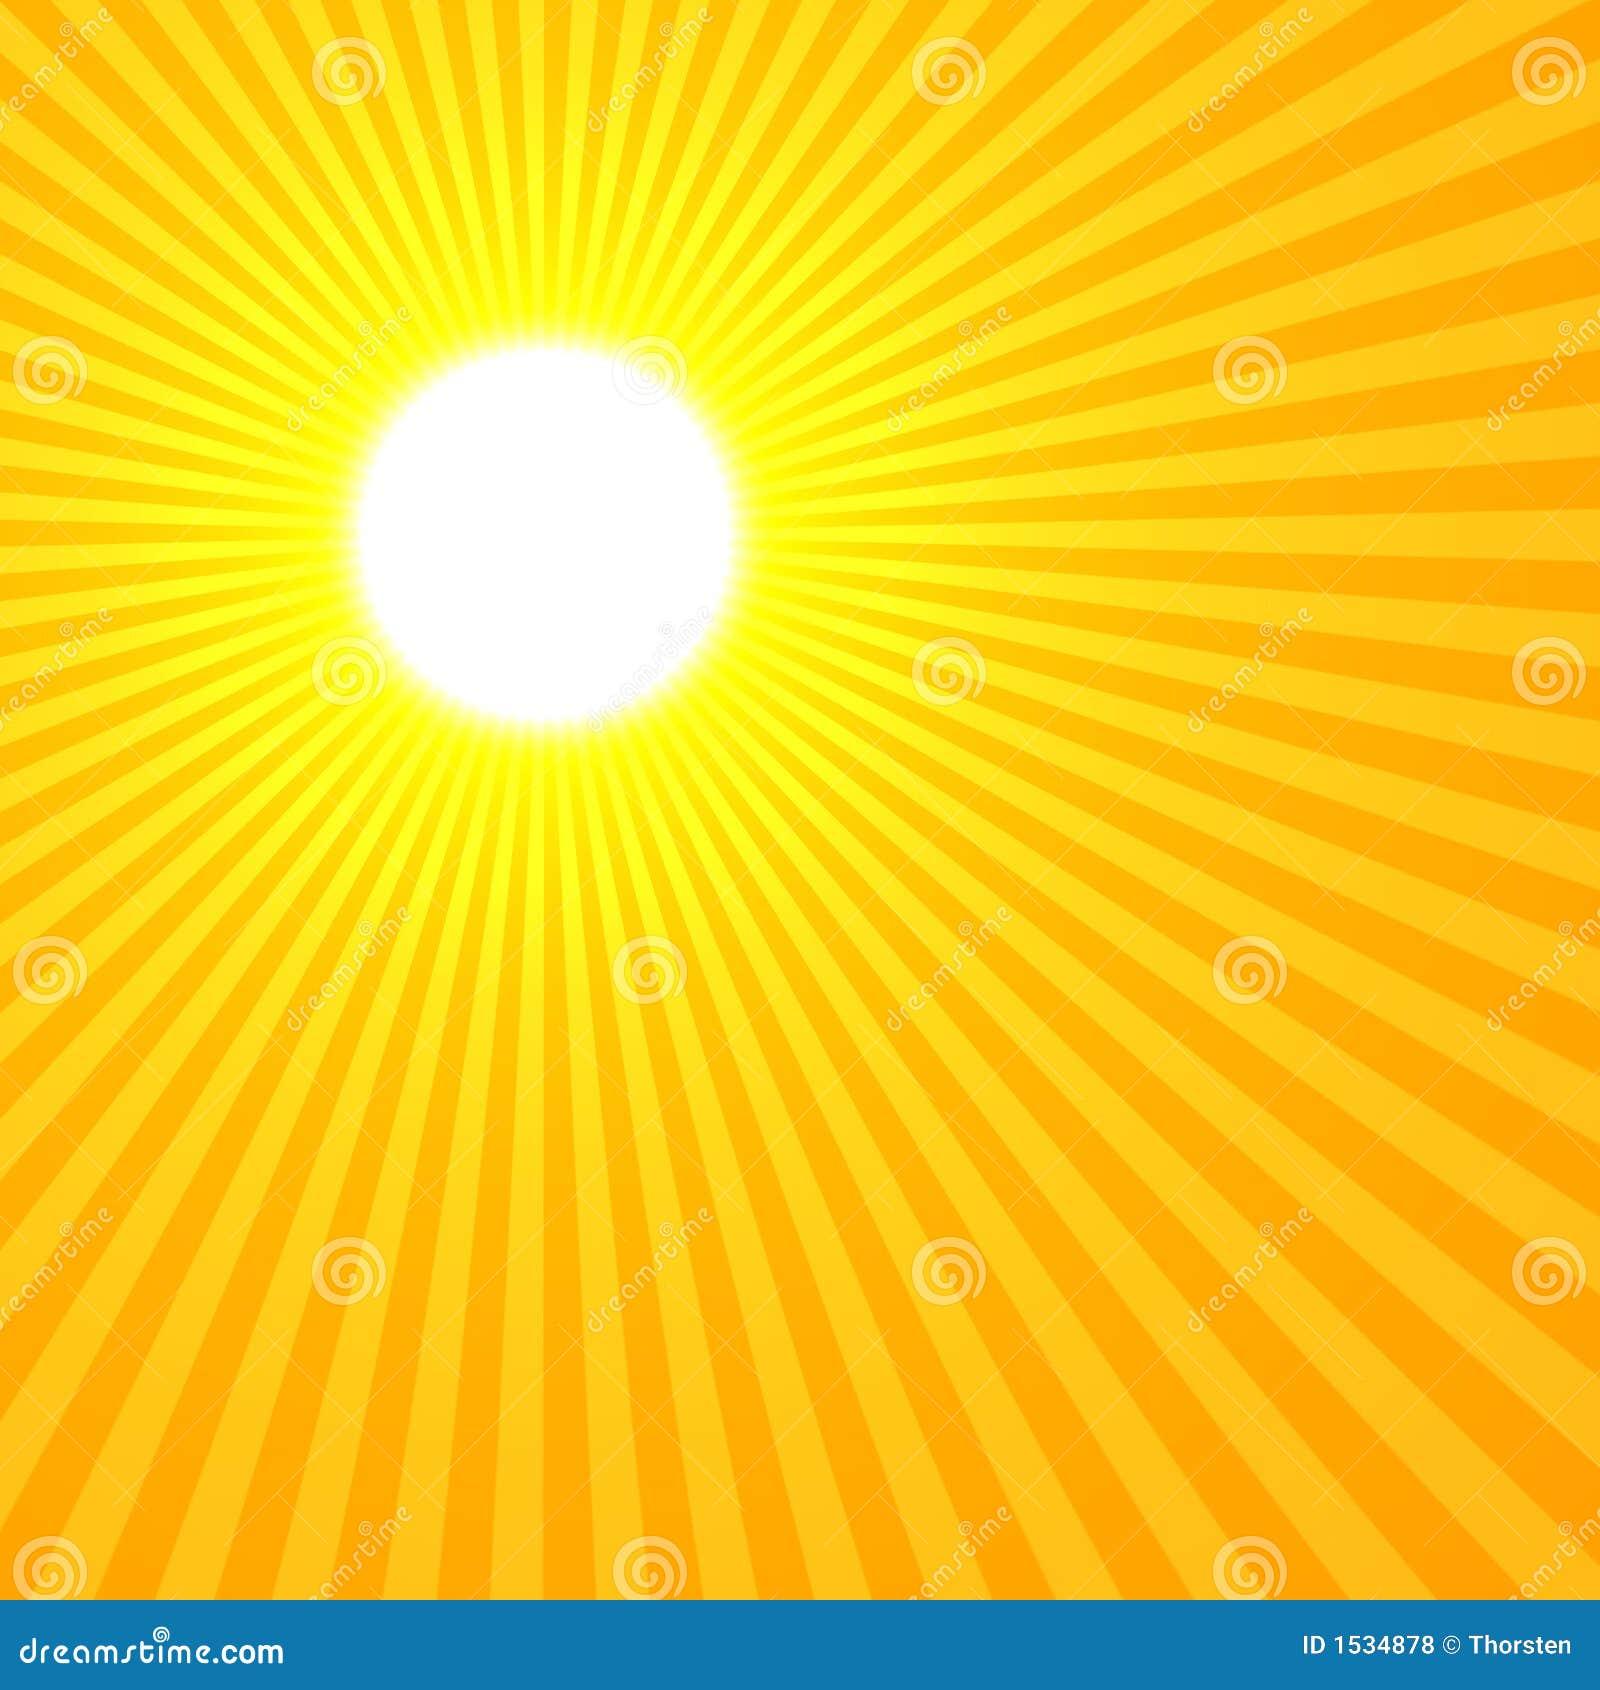 yellow sun stock illustration  illustration of background